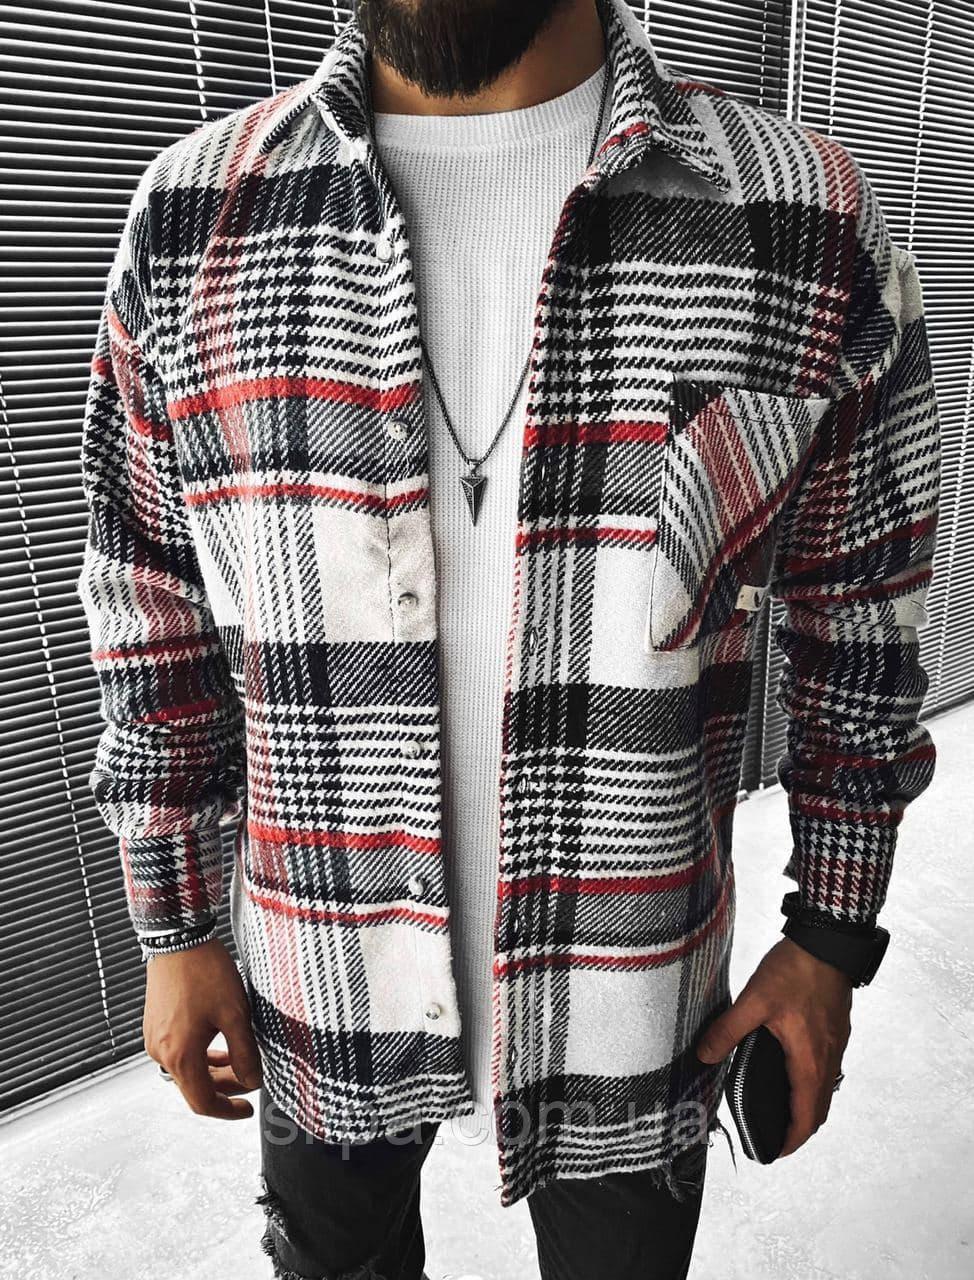 Чоловіча стильна байкова сорочка оверсайз, біла з чорним і червоним ( Туреччина )